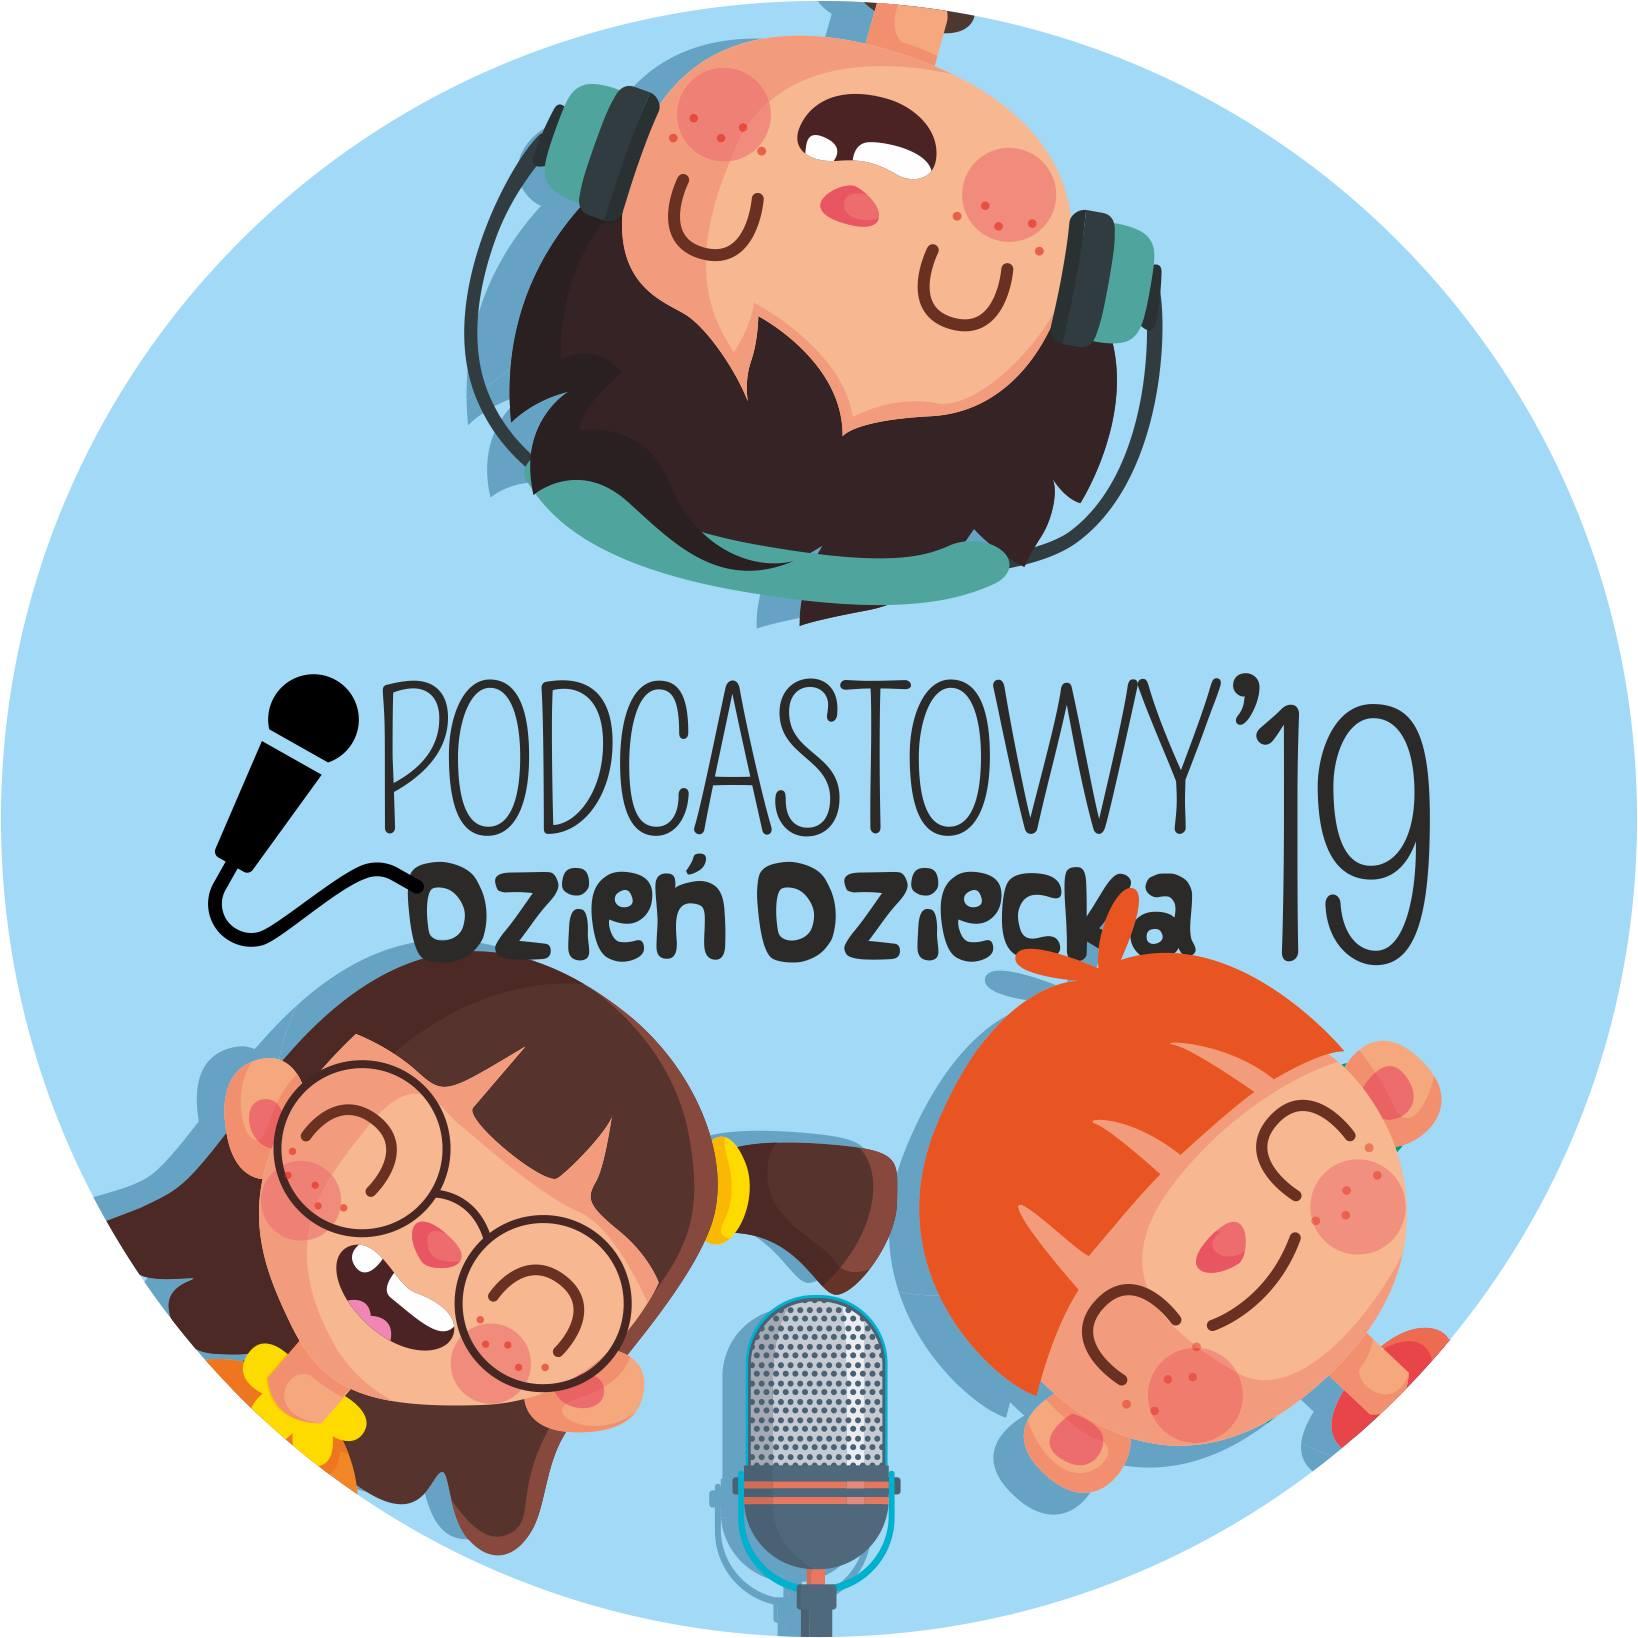 Podcastowy dzień dziecka 2019 - Lokomotywa - Koziołeczek - Jan Brzechwa - czyta Sabina Bielińska i Ignaś